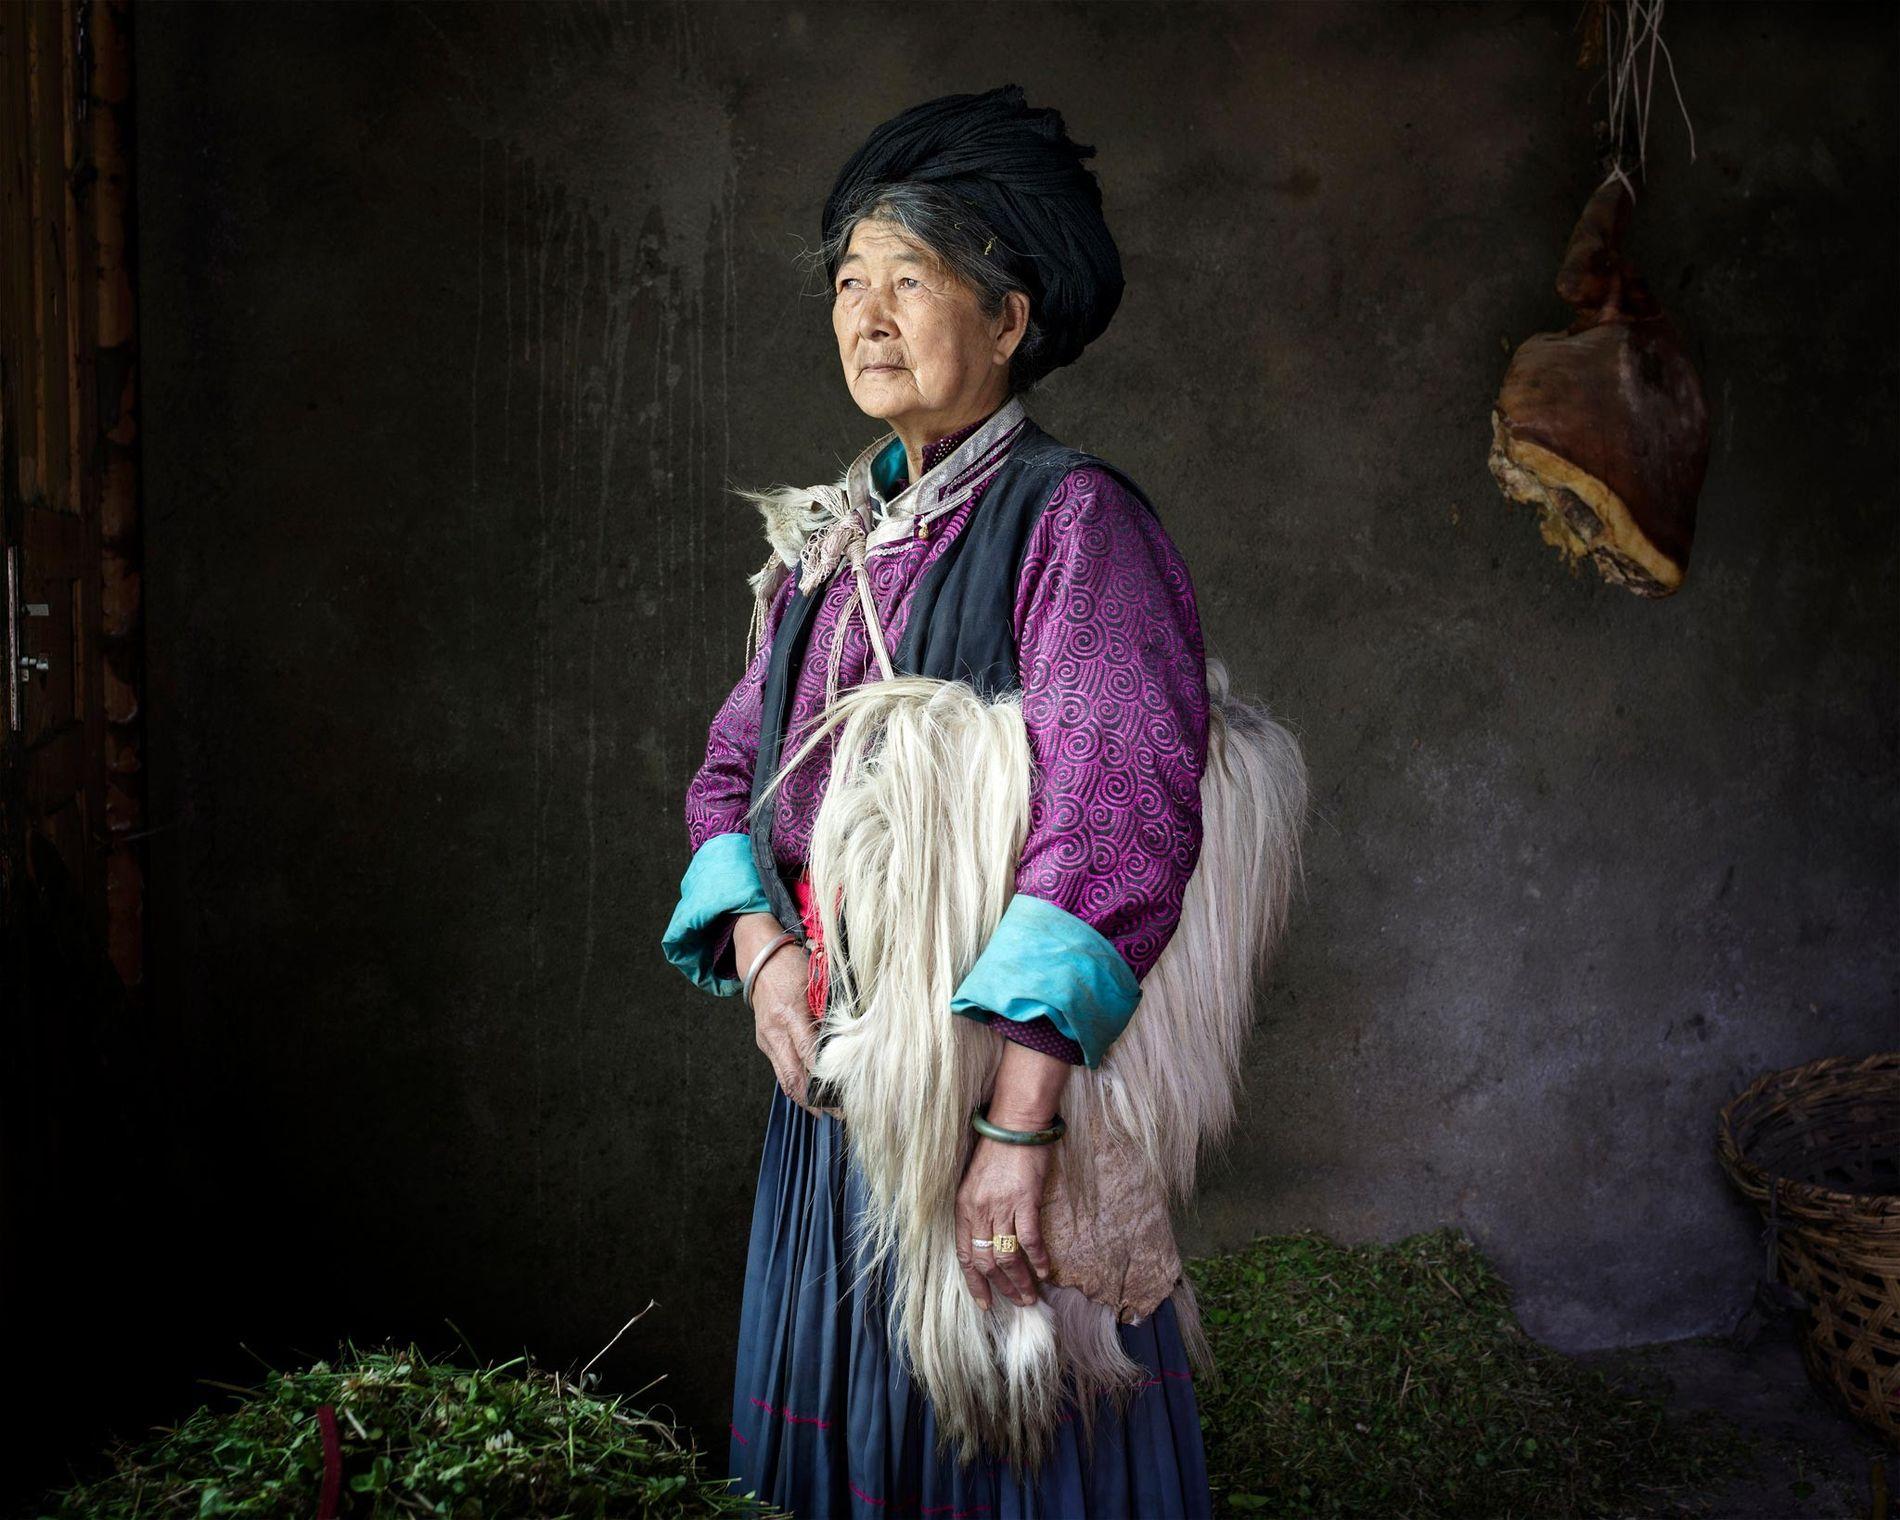 Depuis des générations, des femmes comme Asa Nuja, 69 ans, sont le cœur des foyers moso. Elles transmettent à leur enfant nom, propriétés et traditions. Les enfants sont liés à leurs mères et celles-ci peuvent changer de partenaires à l'envie. Les hommes ne peuvent leur rendre visite que la nuit, une tradition de mariage libre qui perdure aujourd'hui encore.